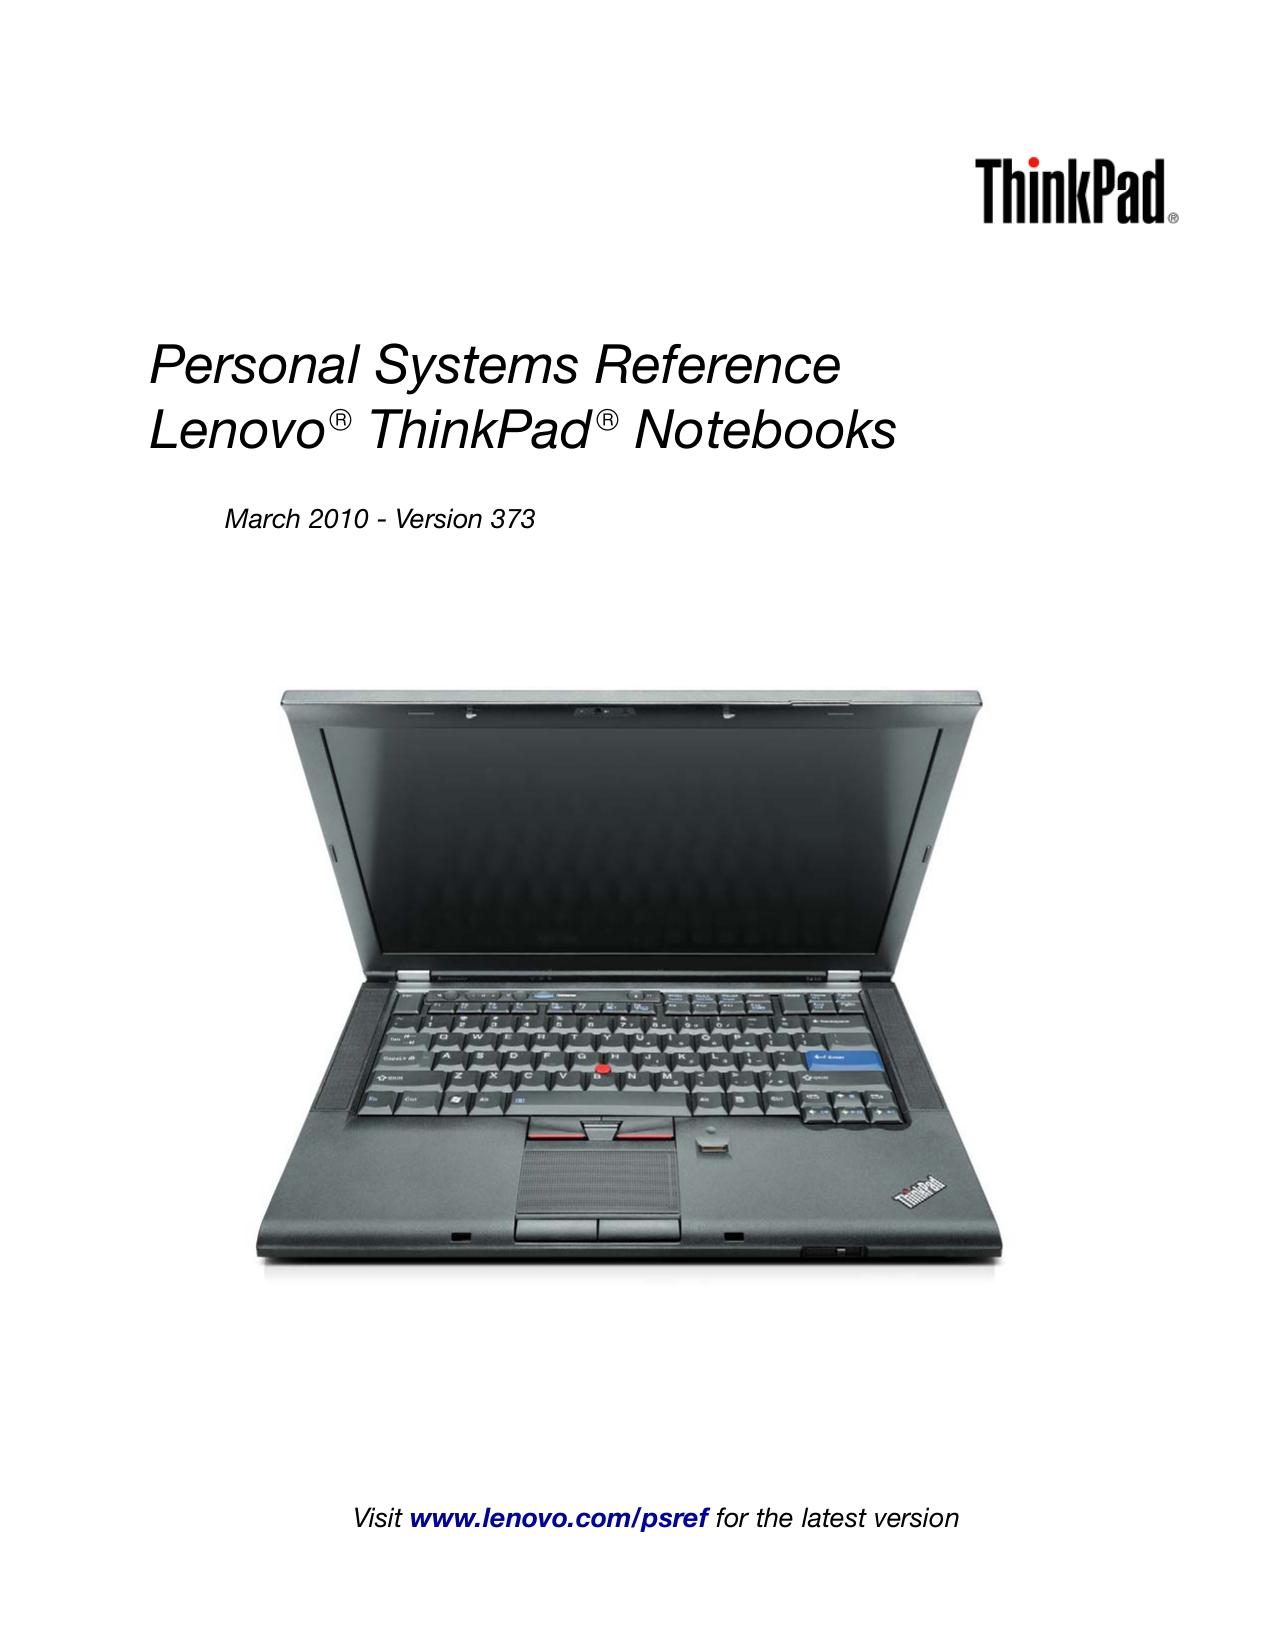 ibm thinkpad t400 manual how to and user guide instructions u2022 rh taxibermuda co IBM ThinkPad T61 IBM ThinkPad R31